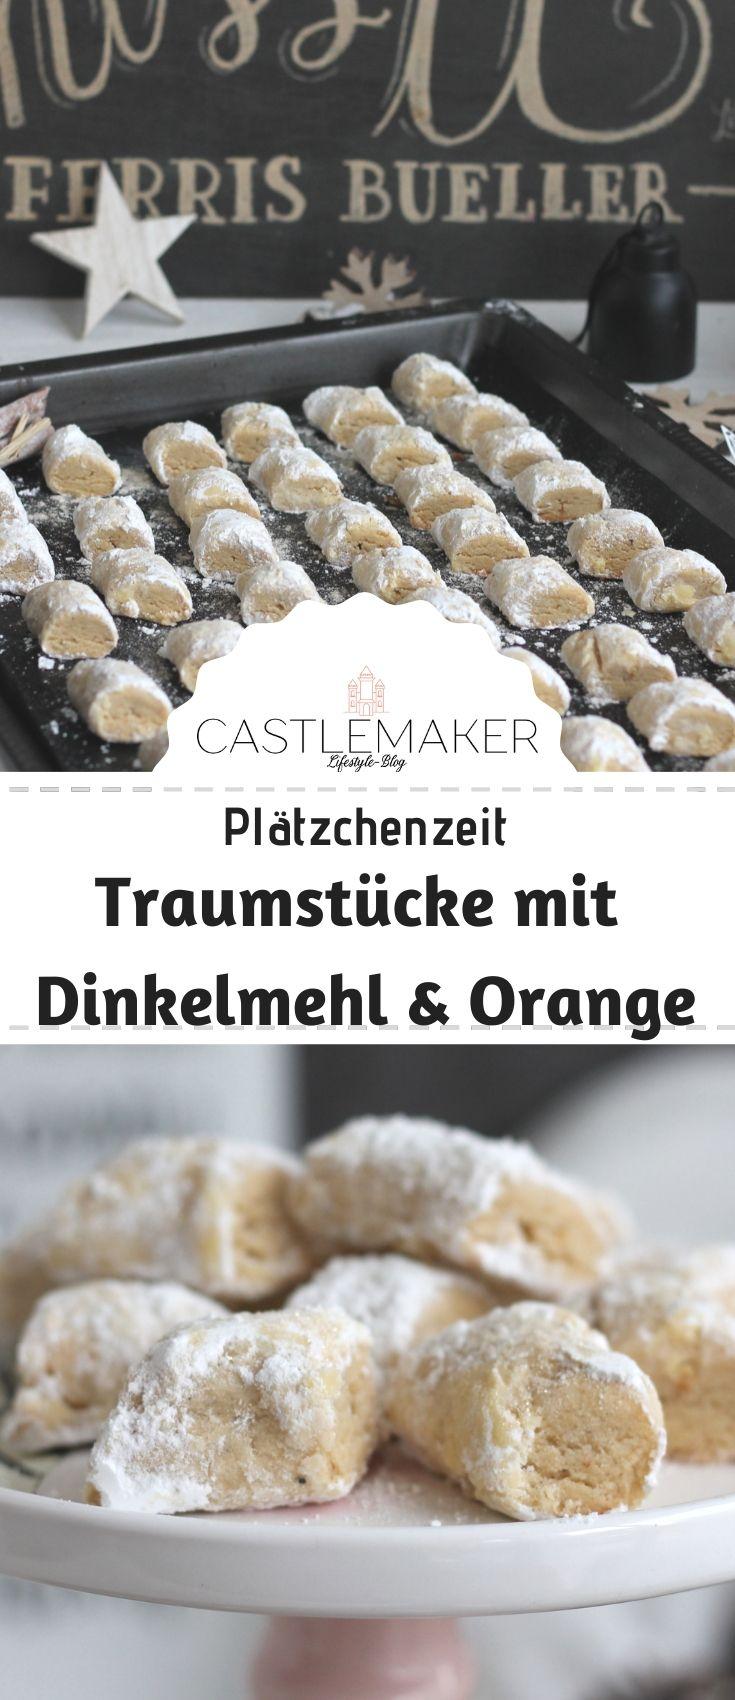 CastlemakerBlog